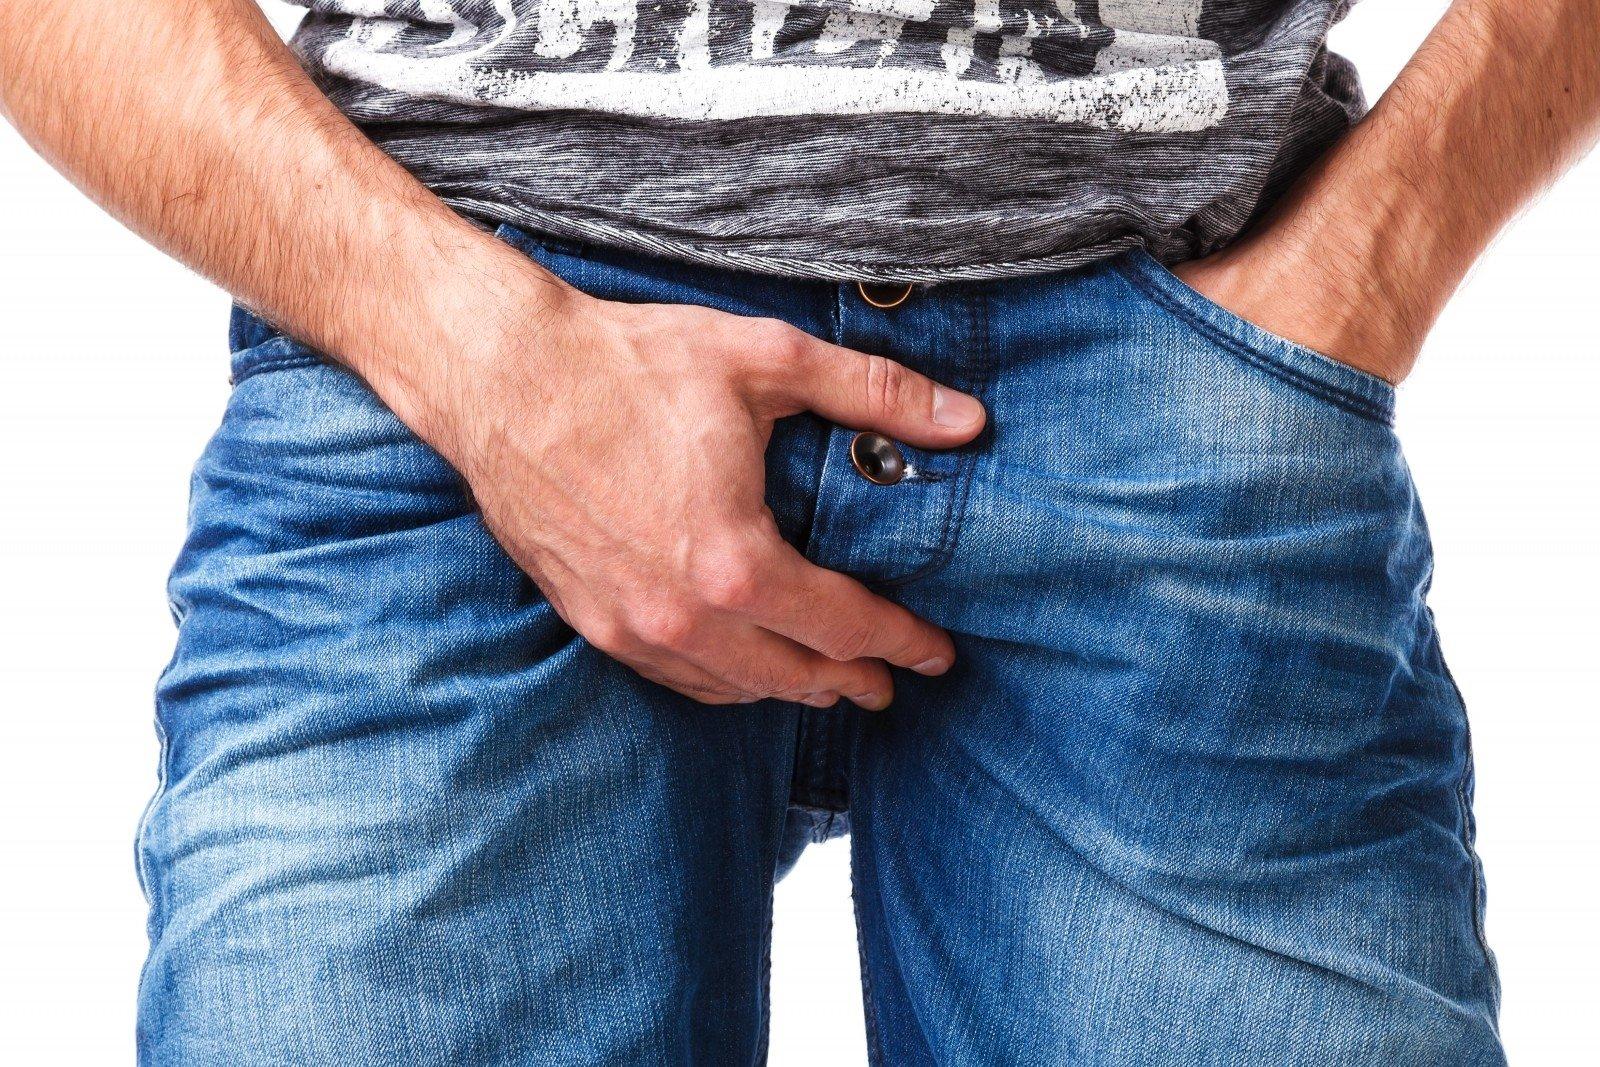 nuotrauka, kokio dydzio yra varpa Kaip padidinti nari seksui